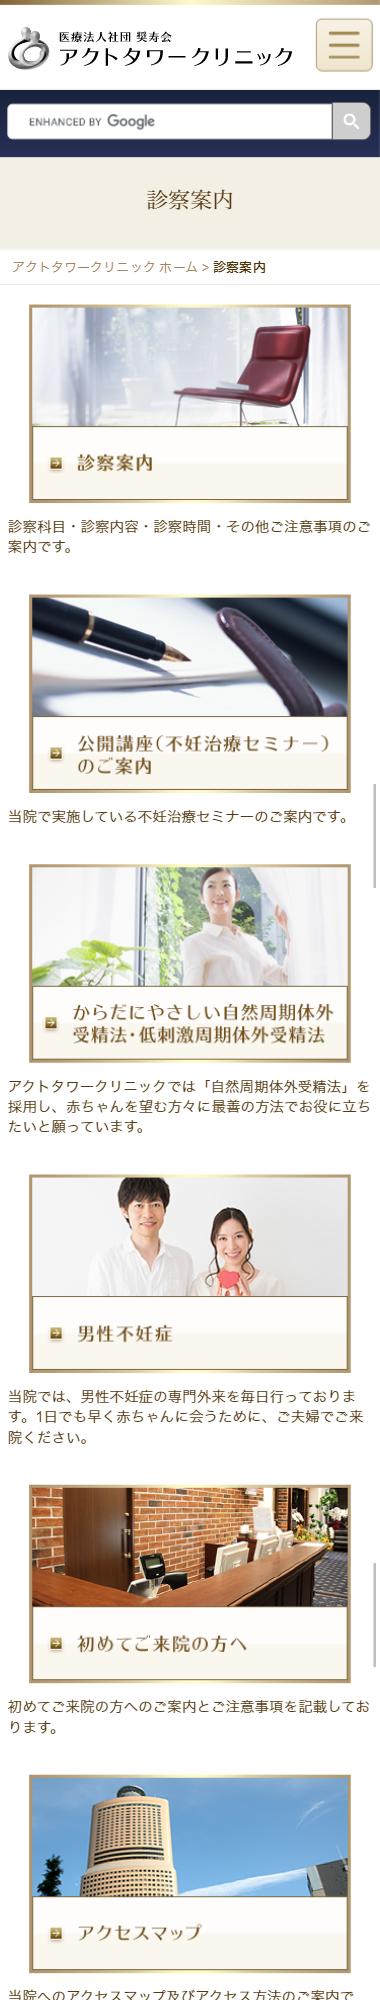 医療法人社団 奨寿会 アクトタワークリニック様